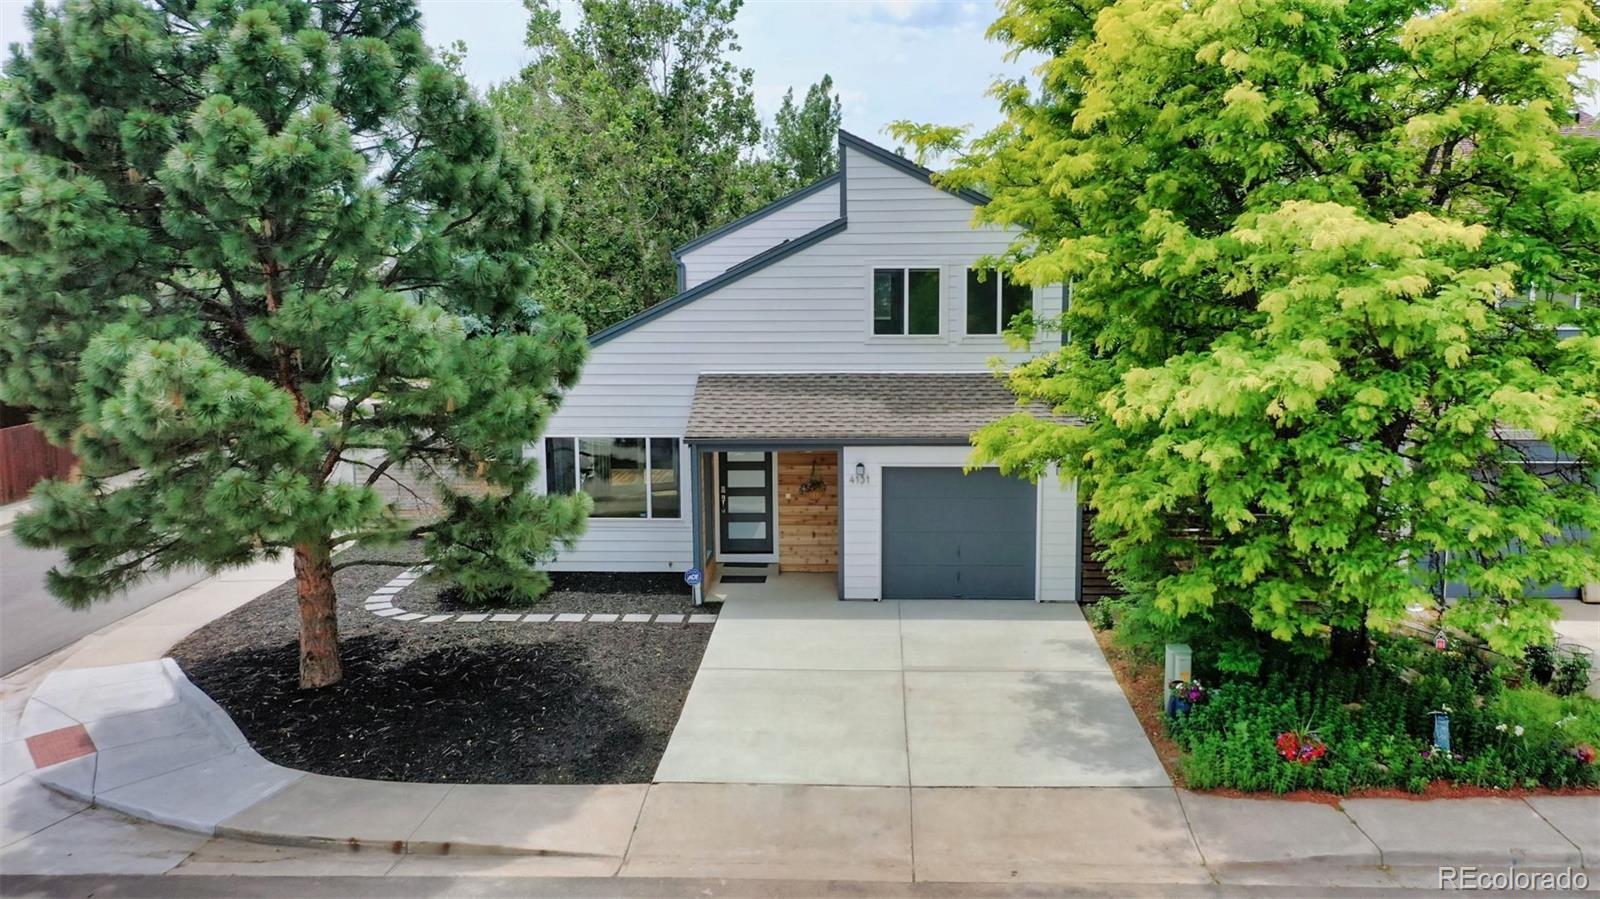 MLS# 4714153 - 1 - 4131 Amber Street, Boulder, CO 80304